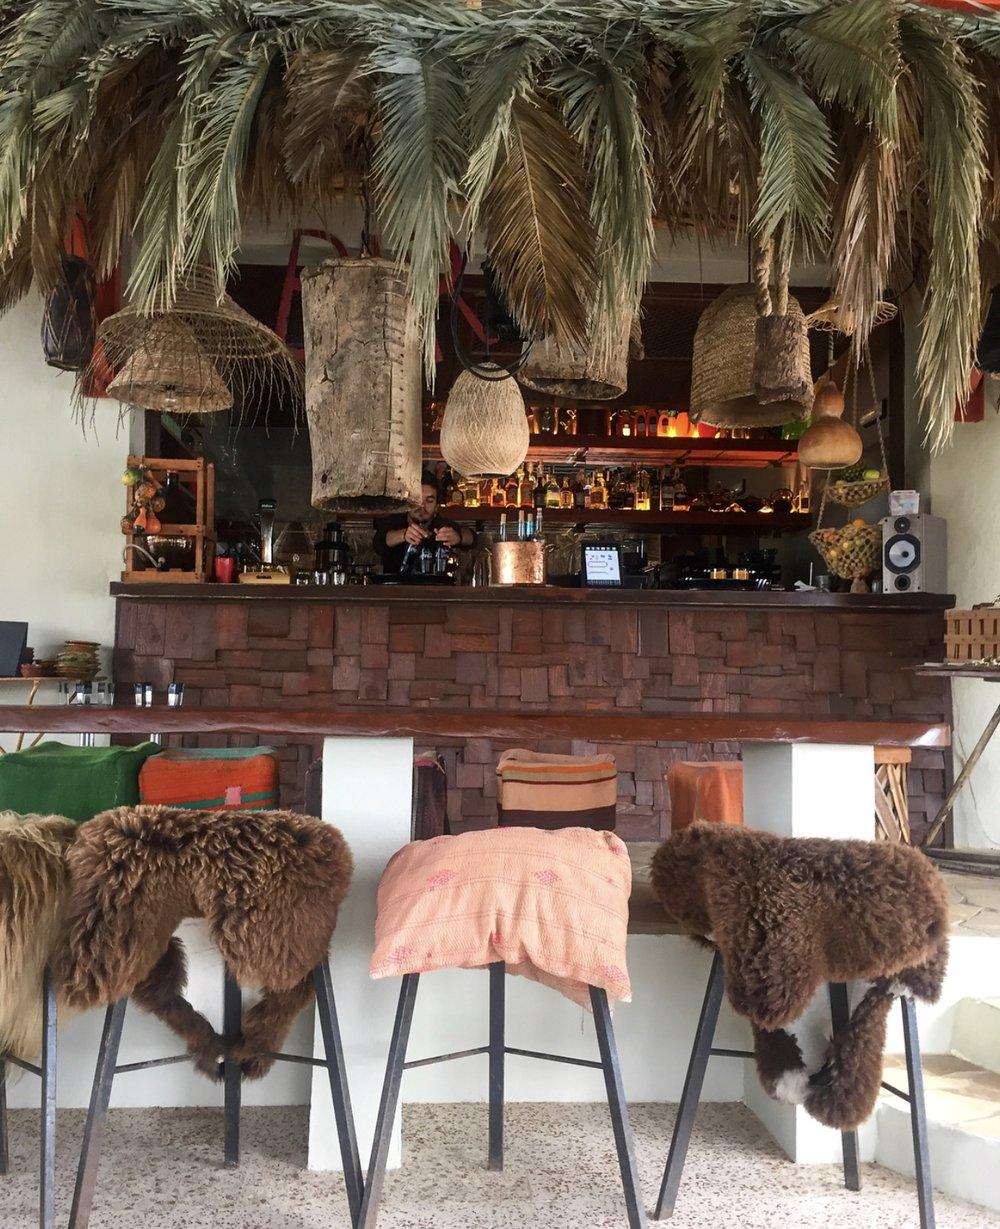 Los Enamorados Hotel - Ibiza, Spain